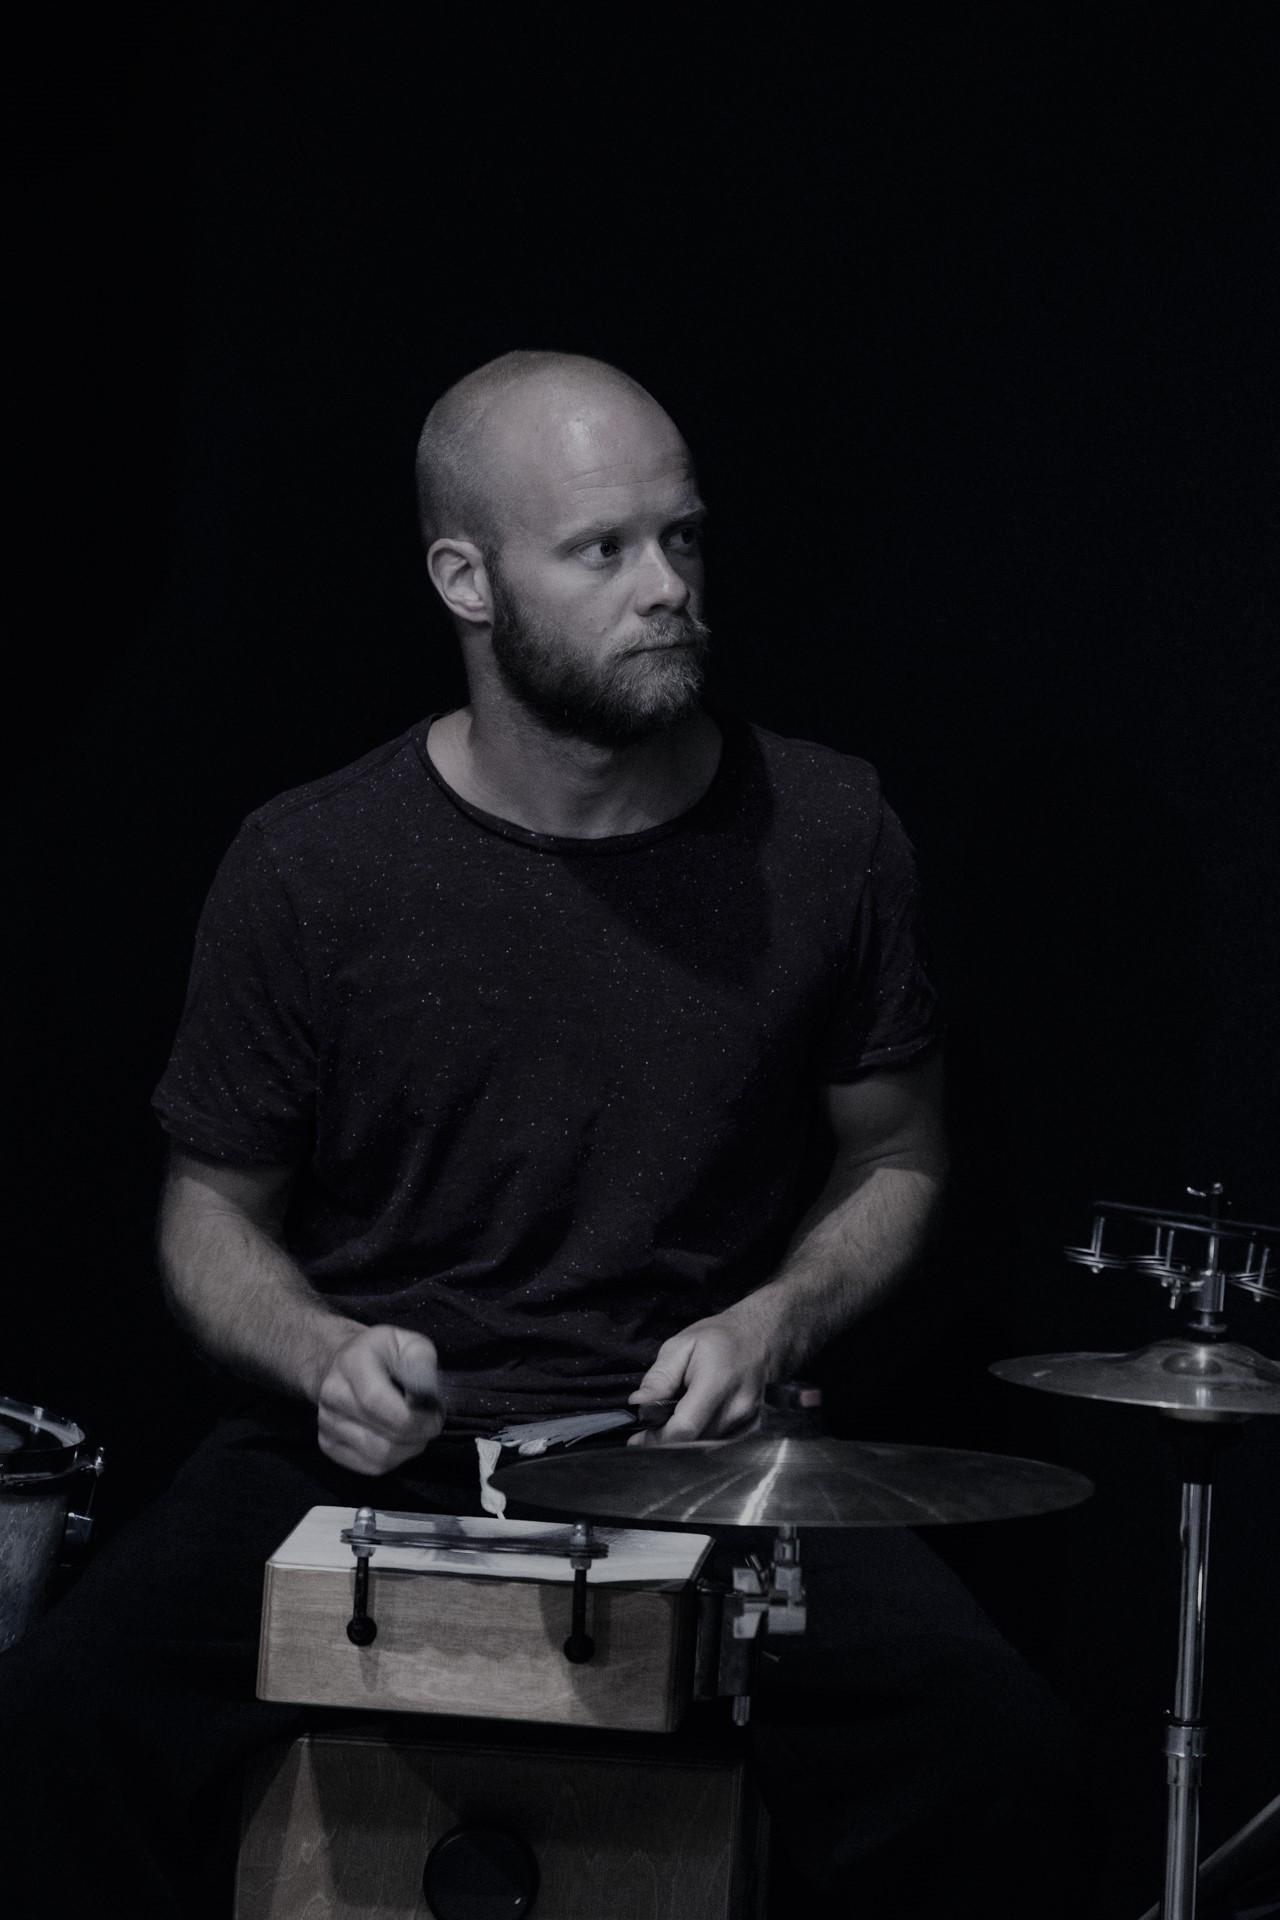 Simon Rimshult